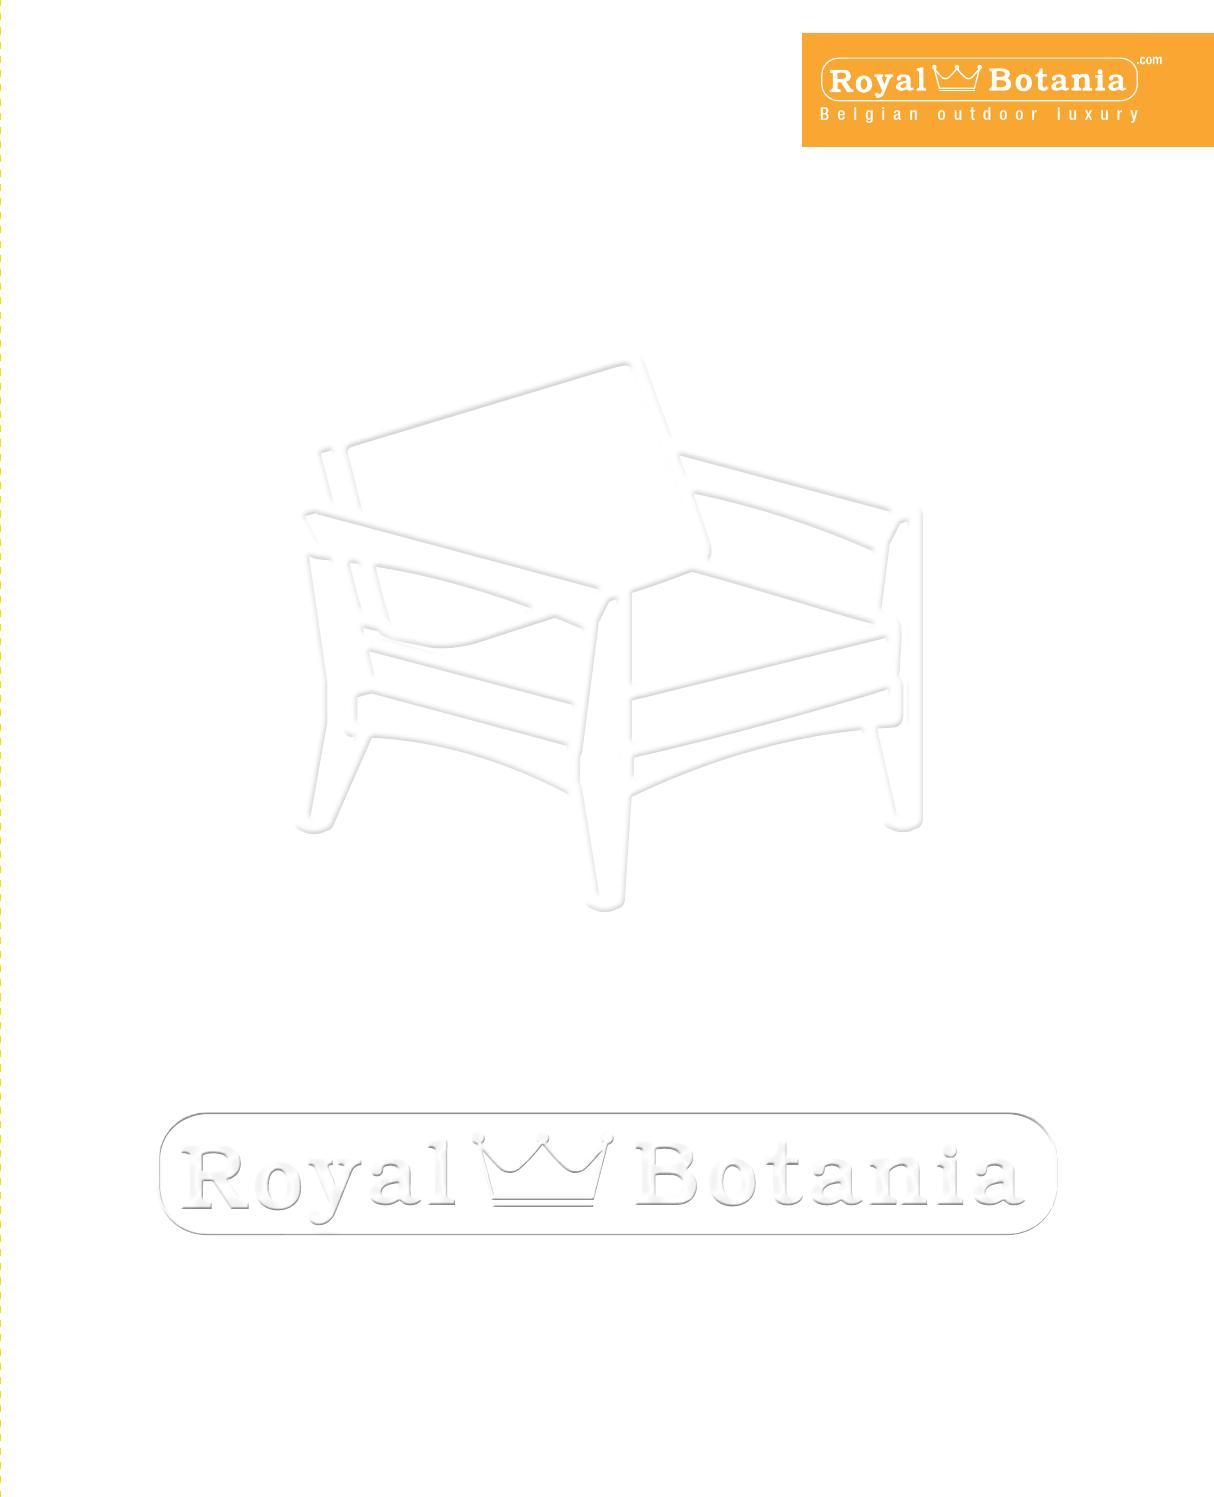 Outdoorfurniture 2015 Catalogue Royal Botania By Royal Botania Nv  # Muebles Rinnova